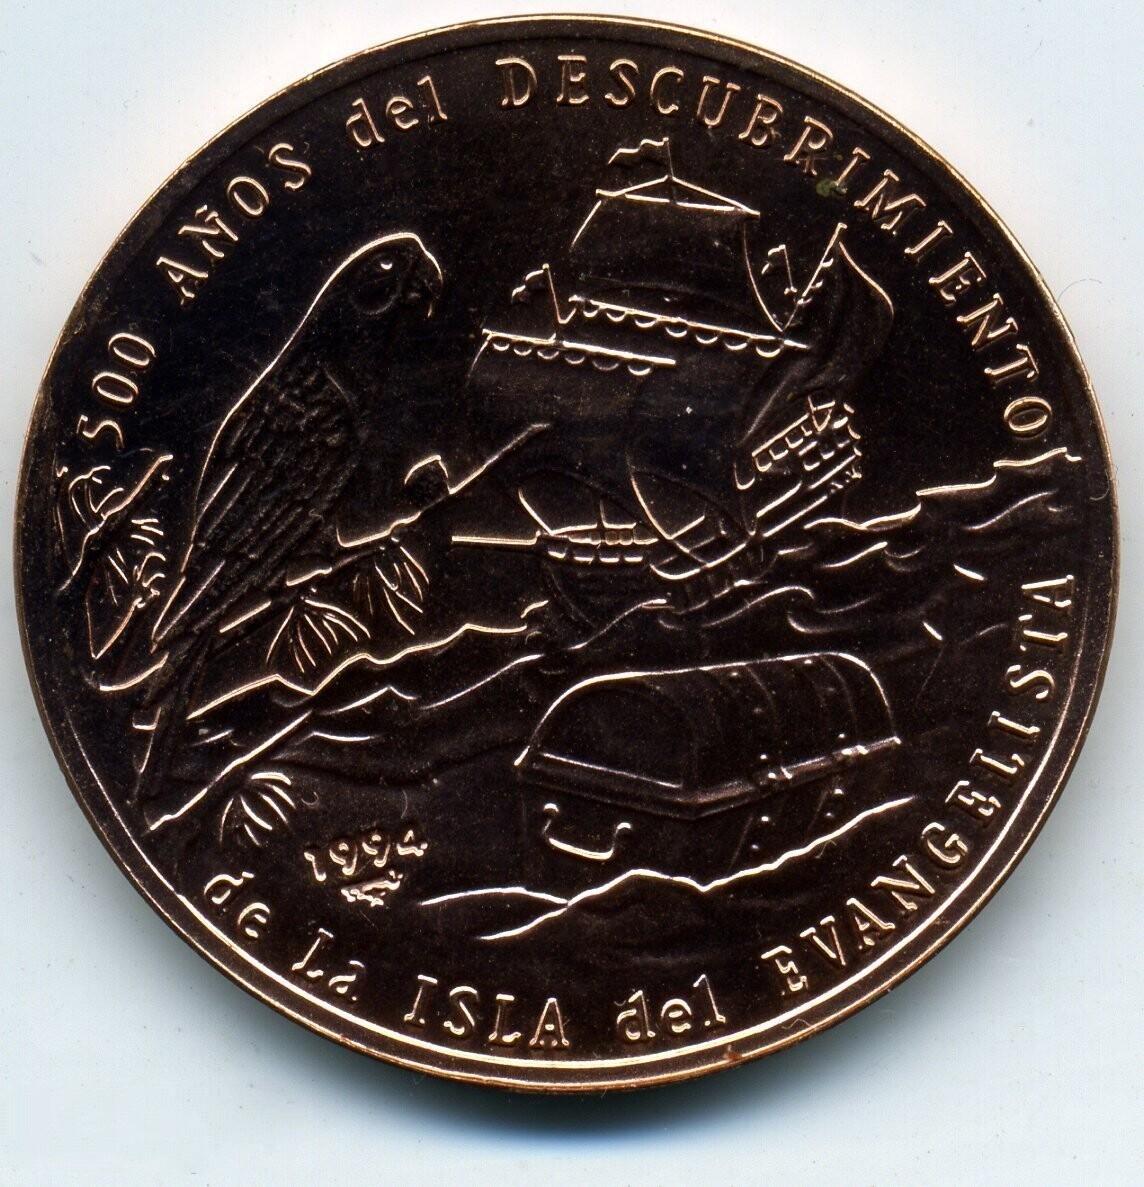 Cuba. 1994. 1 peso. Series: Discovery of Isla del Evangelista. -#1. 500th Anniversary. Parrot, ship and sea chest. Copper. KM#606. BU. aUNC